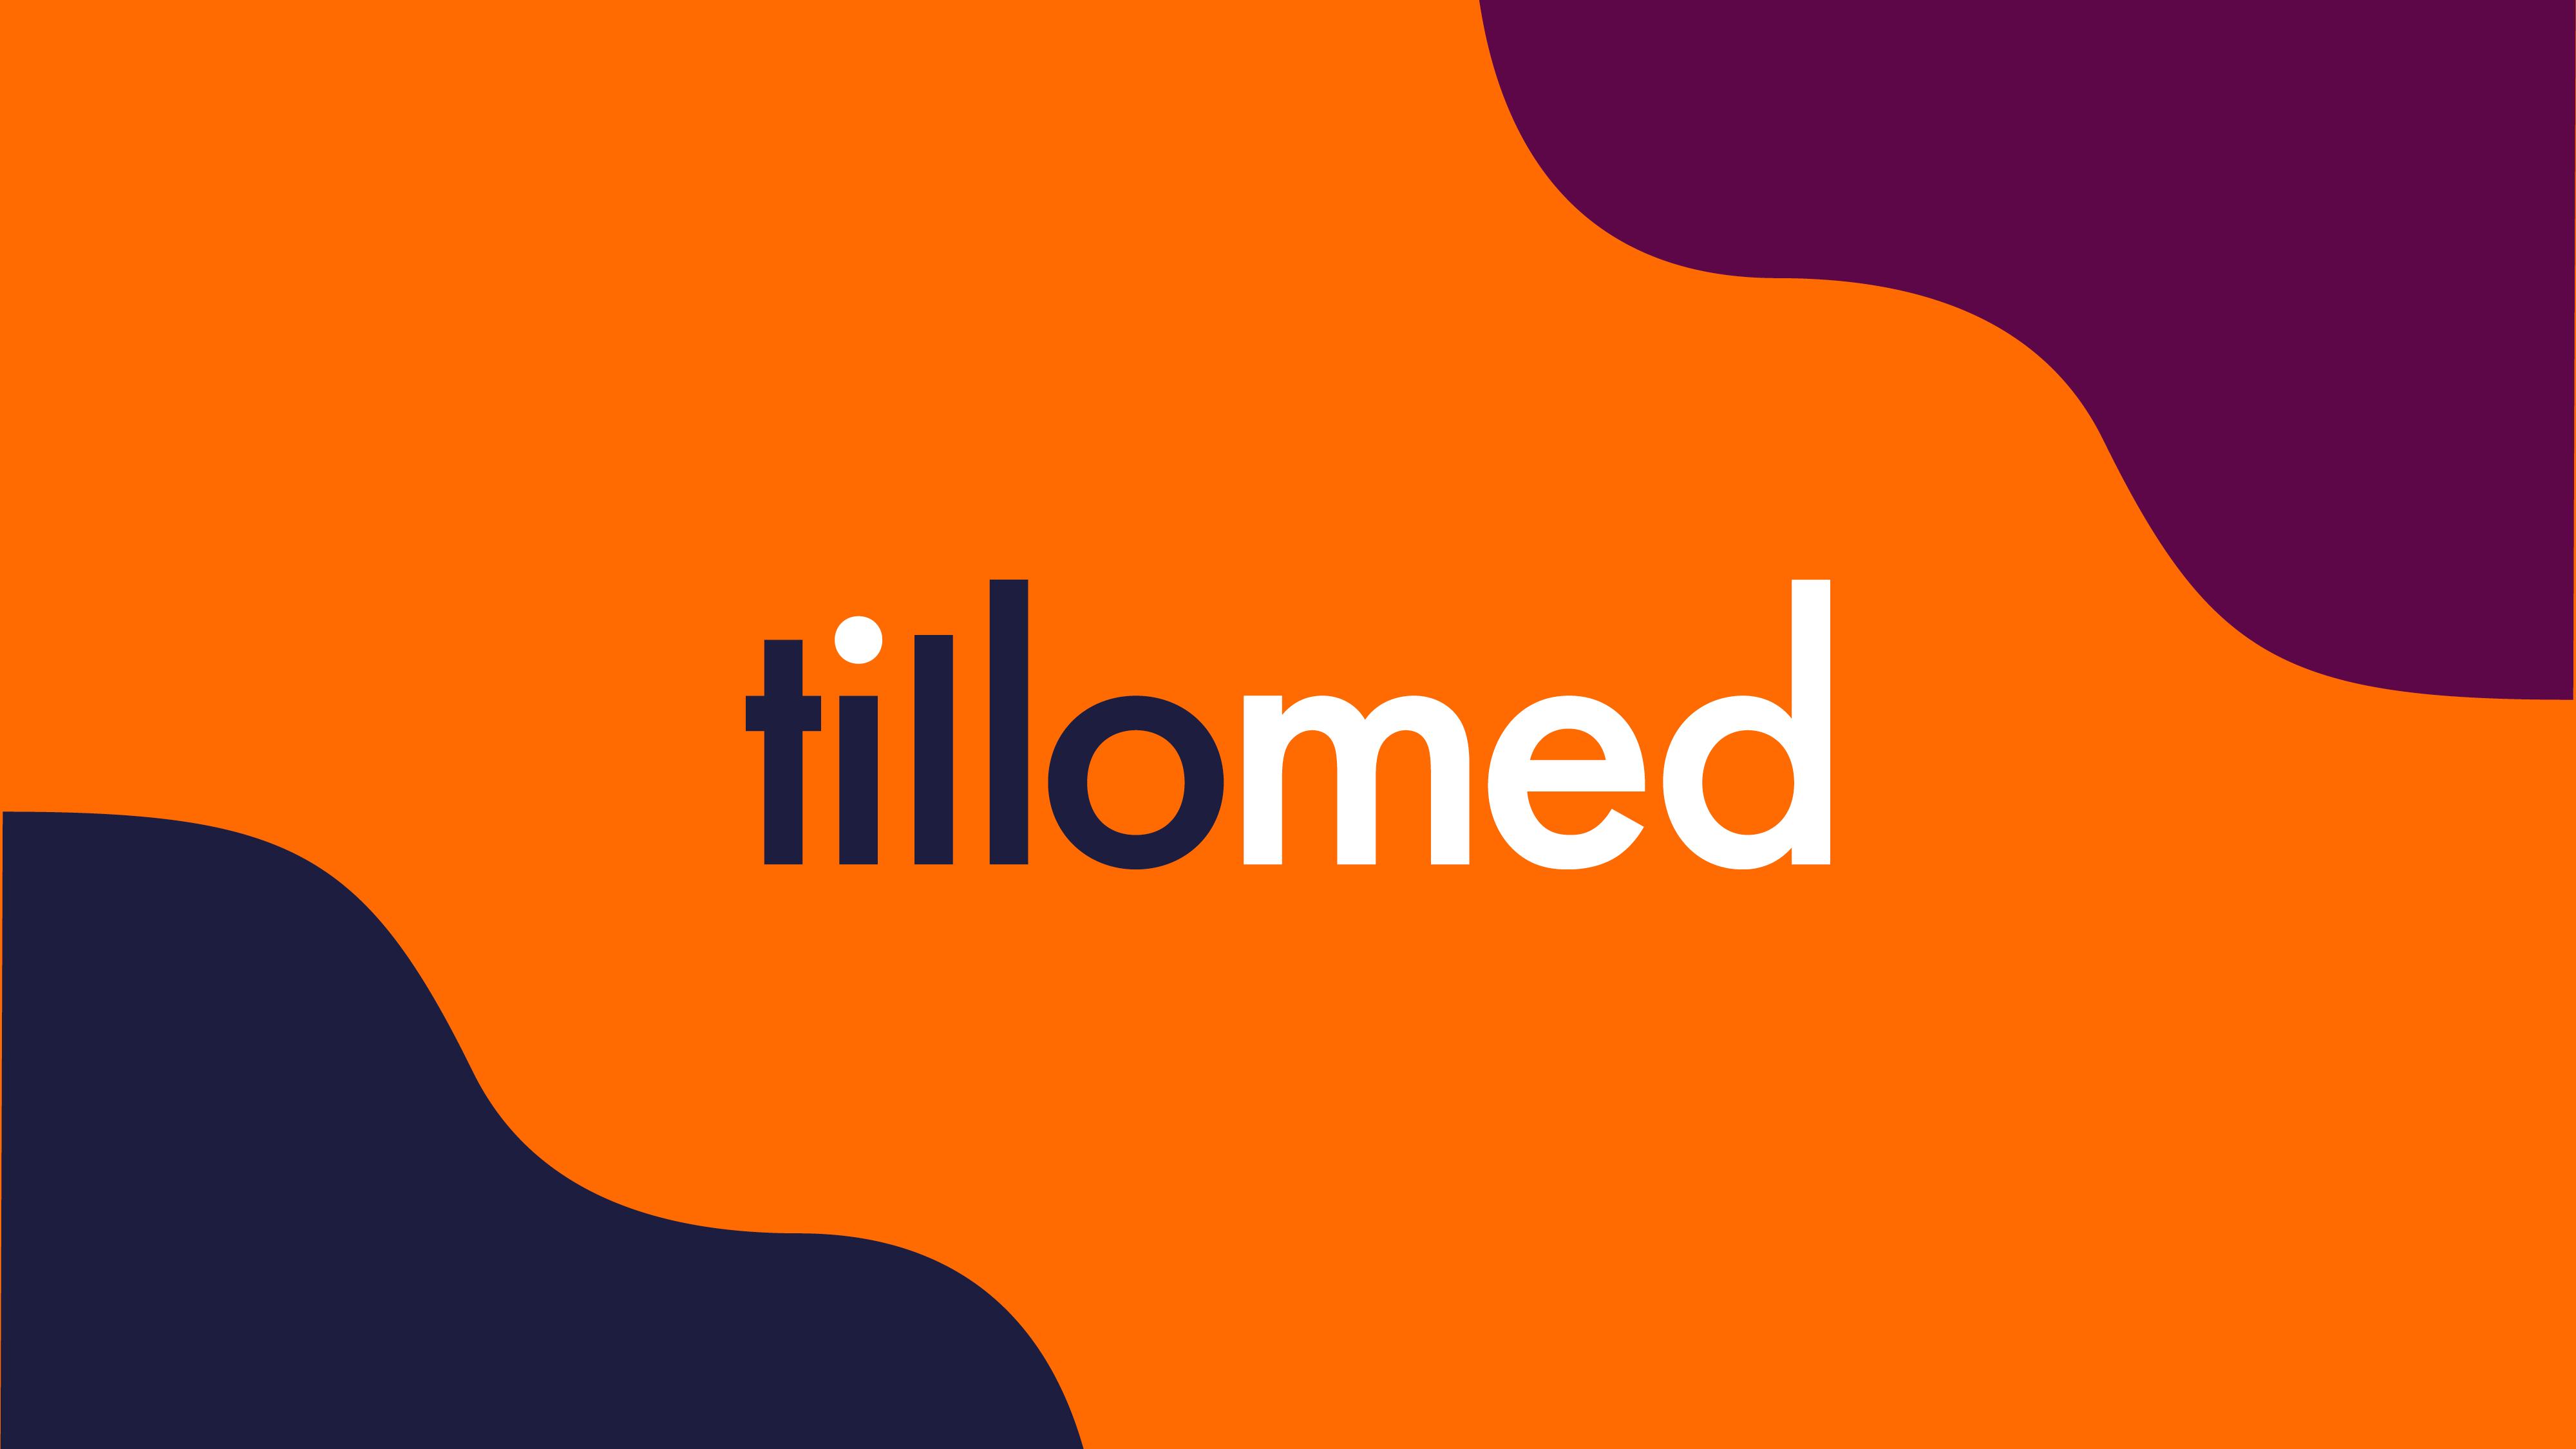 Tilomed Launch